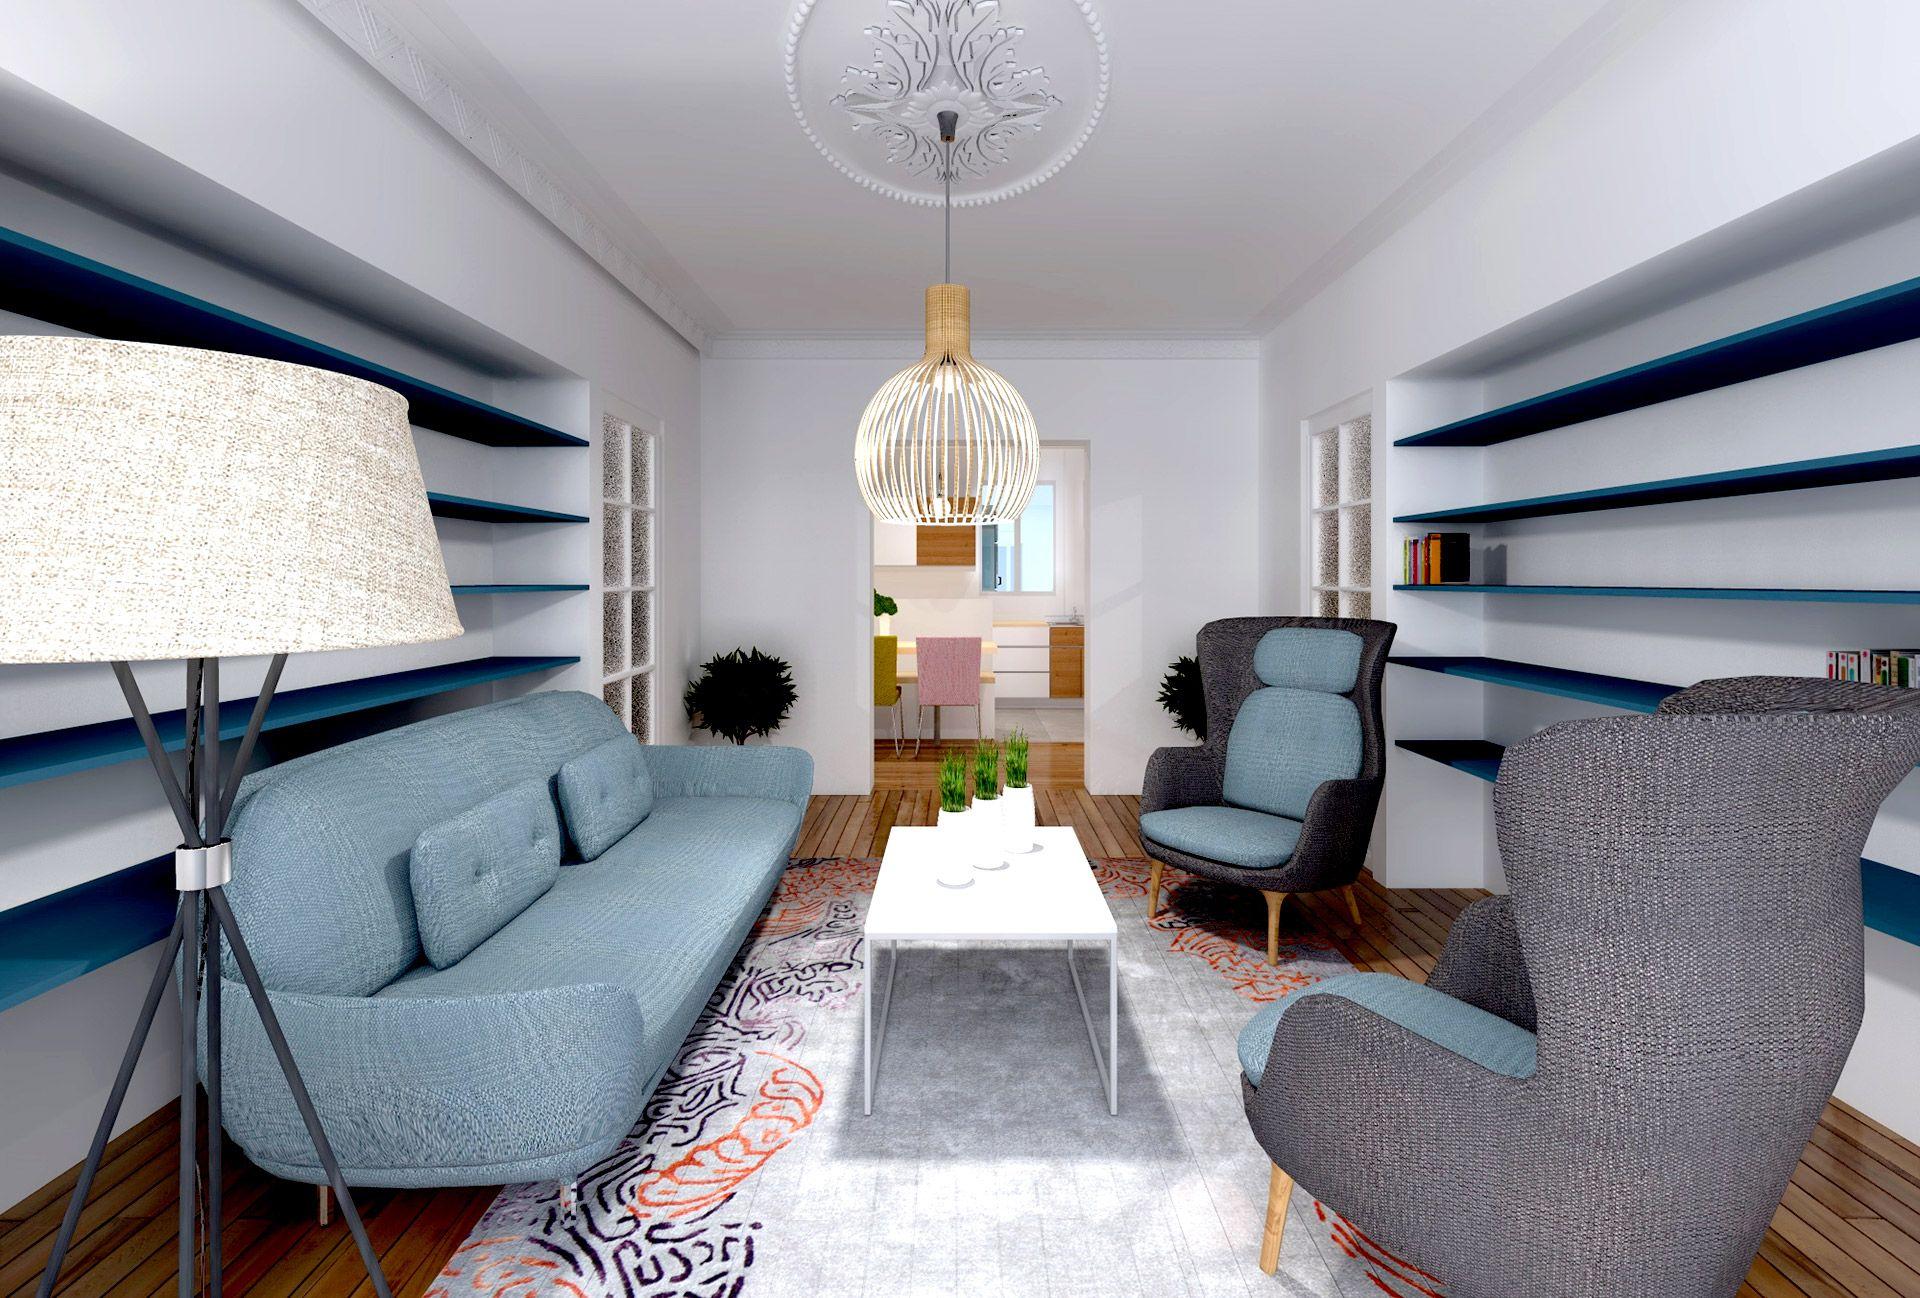 Cuisine Américaine Style Année 50 appartement art deco amenagement salon ambiance annee 50